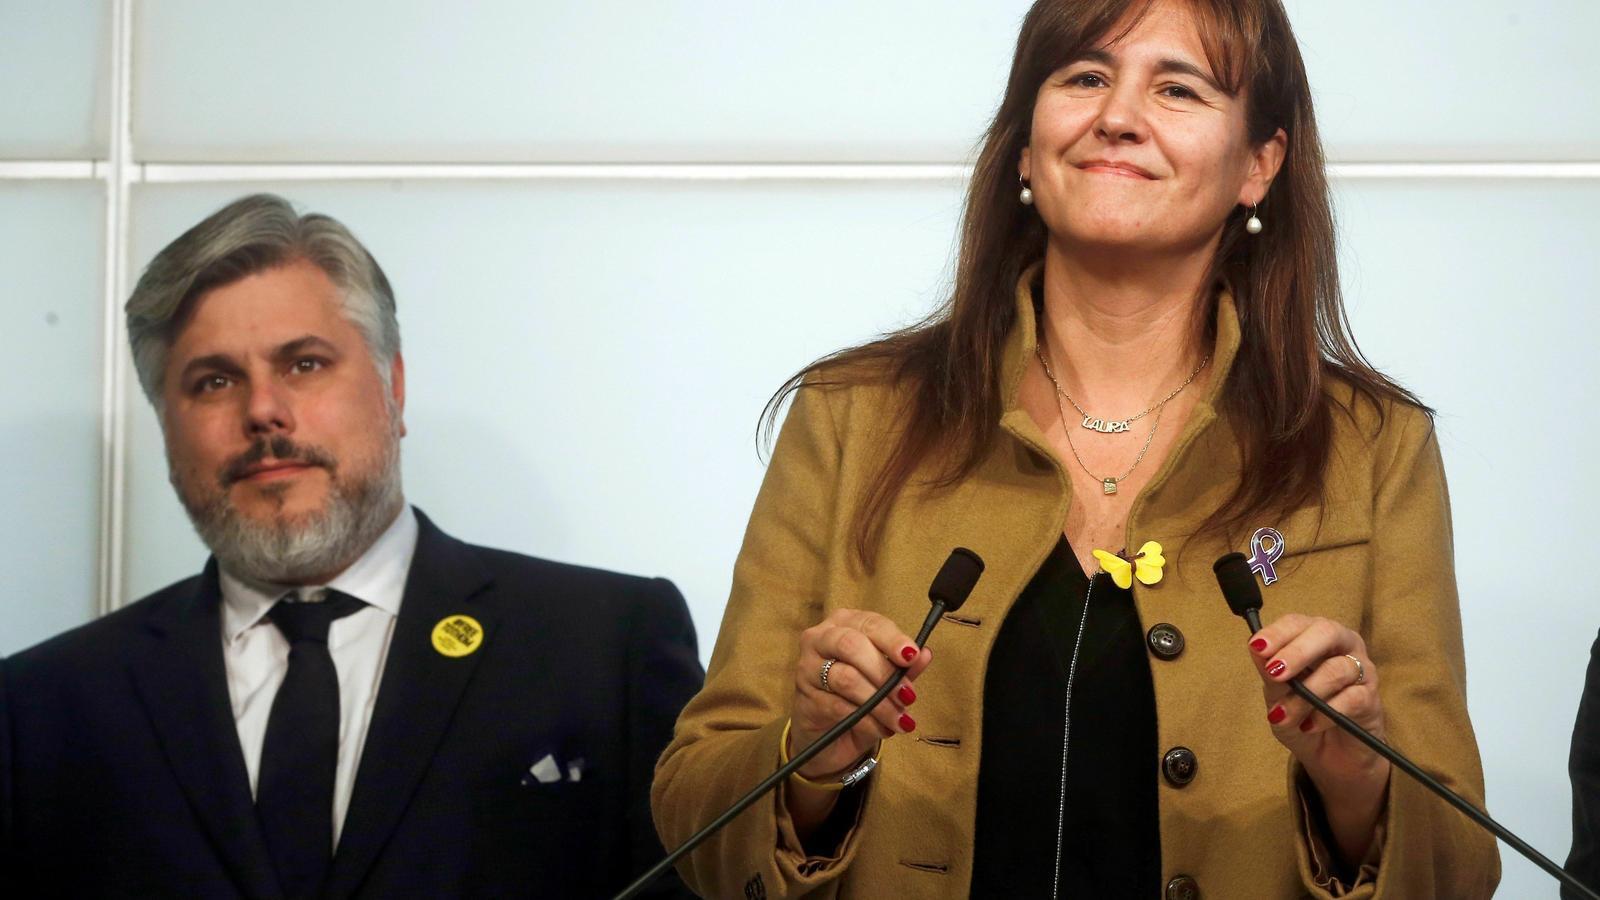 La portaveu de JxCat al Congrés, Laura Borràs, acompanyada del president del mateix grup parlamentari, Albert Batet durant una roda de premsa